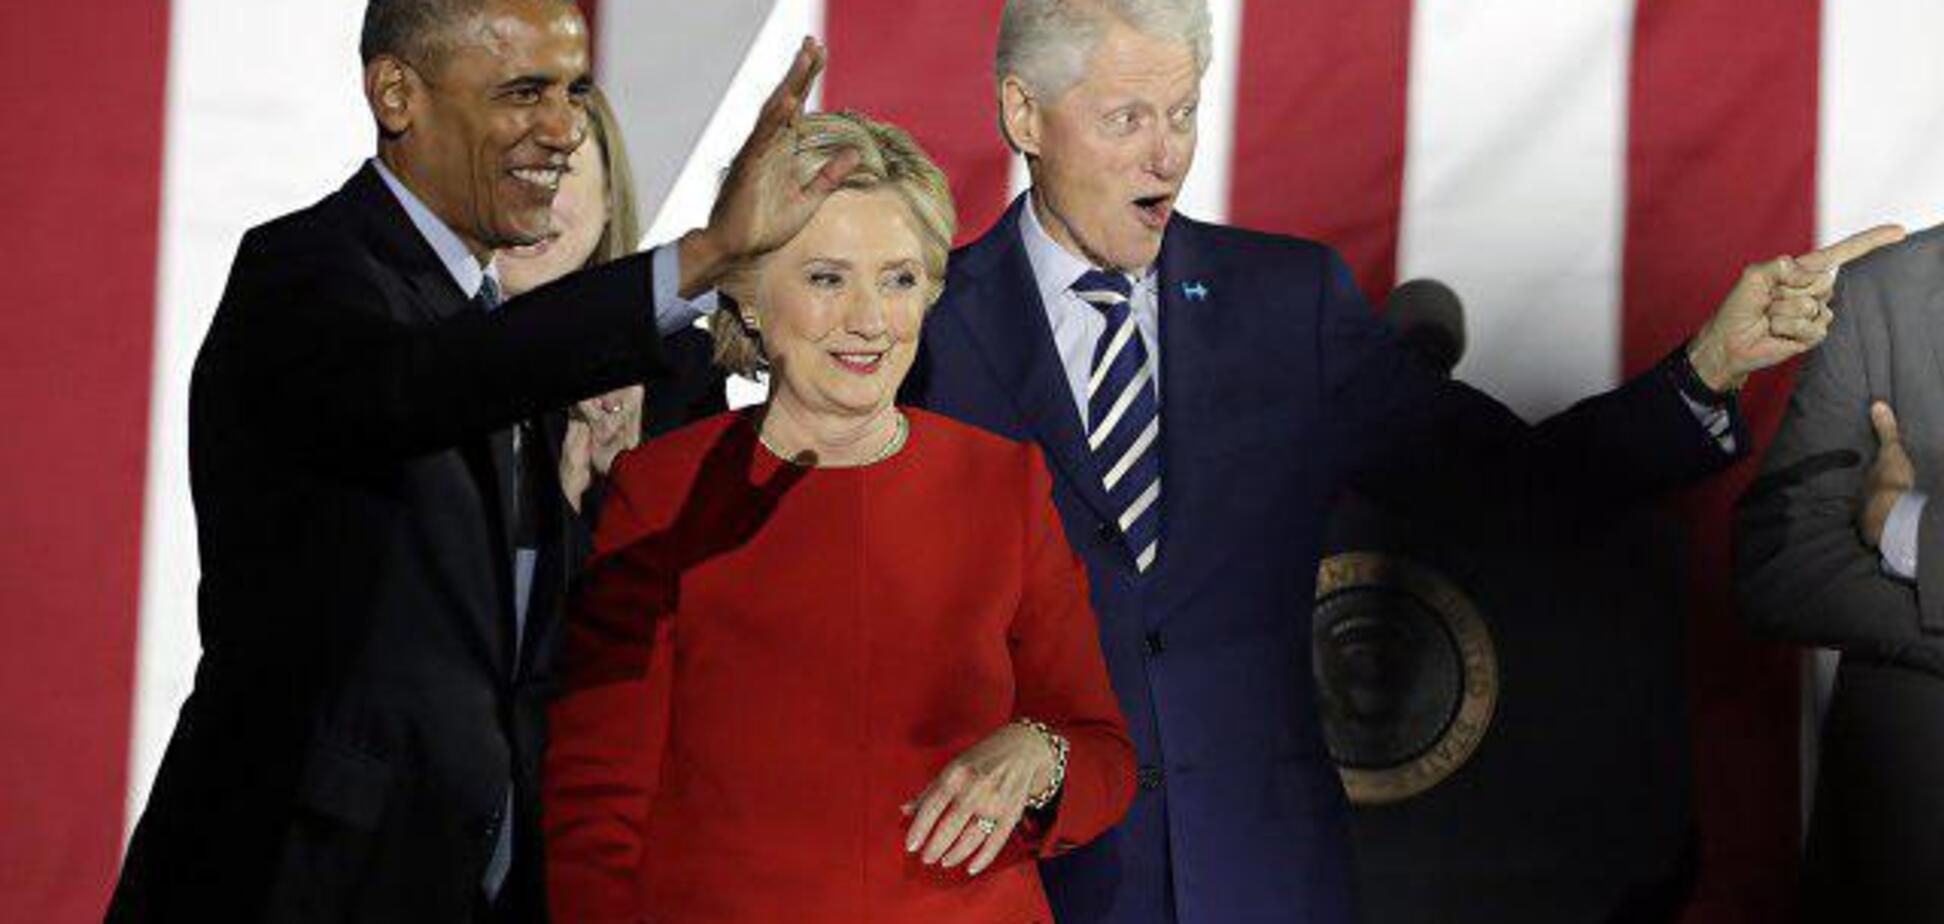 В США неизвестные пытались подорвать Обаму и Клинтонов